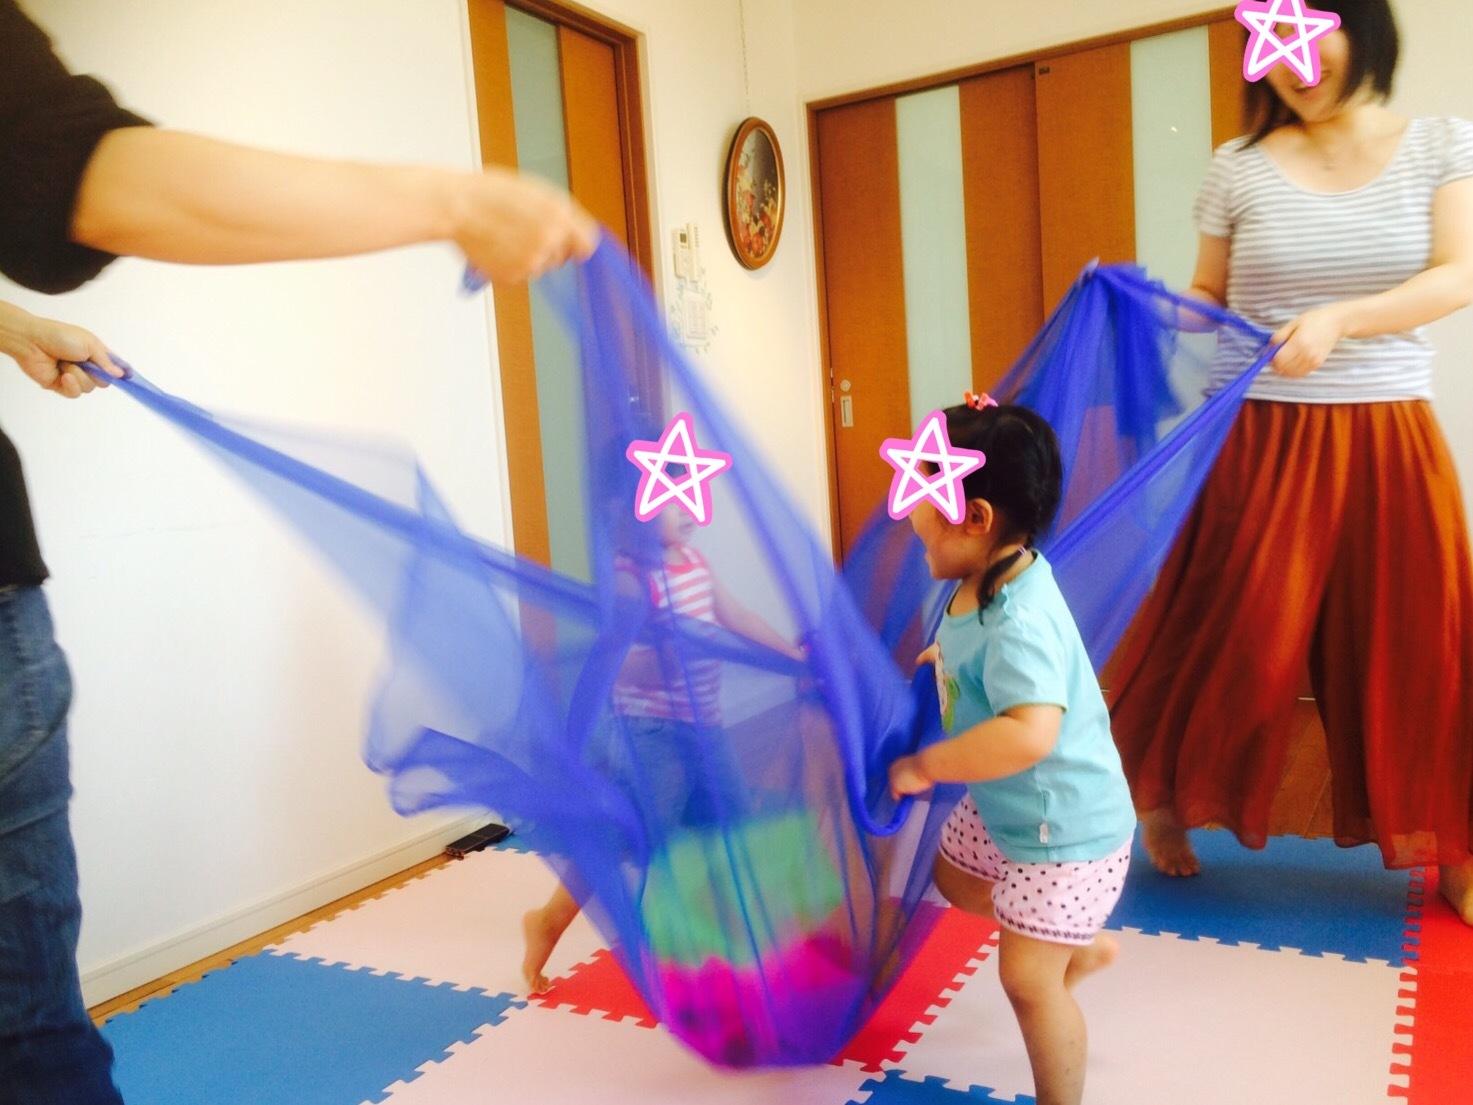 子供達の宝物_b0226863_21440922.jpeg